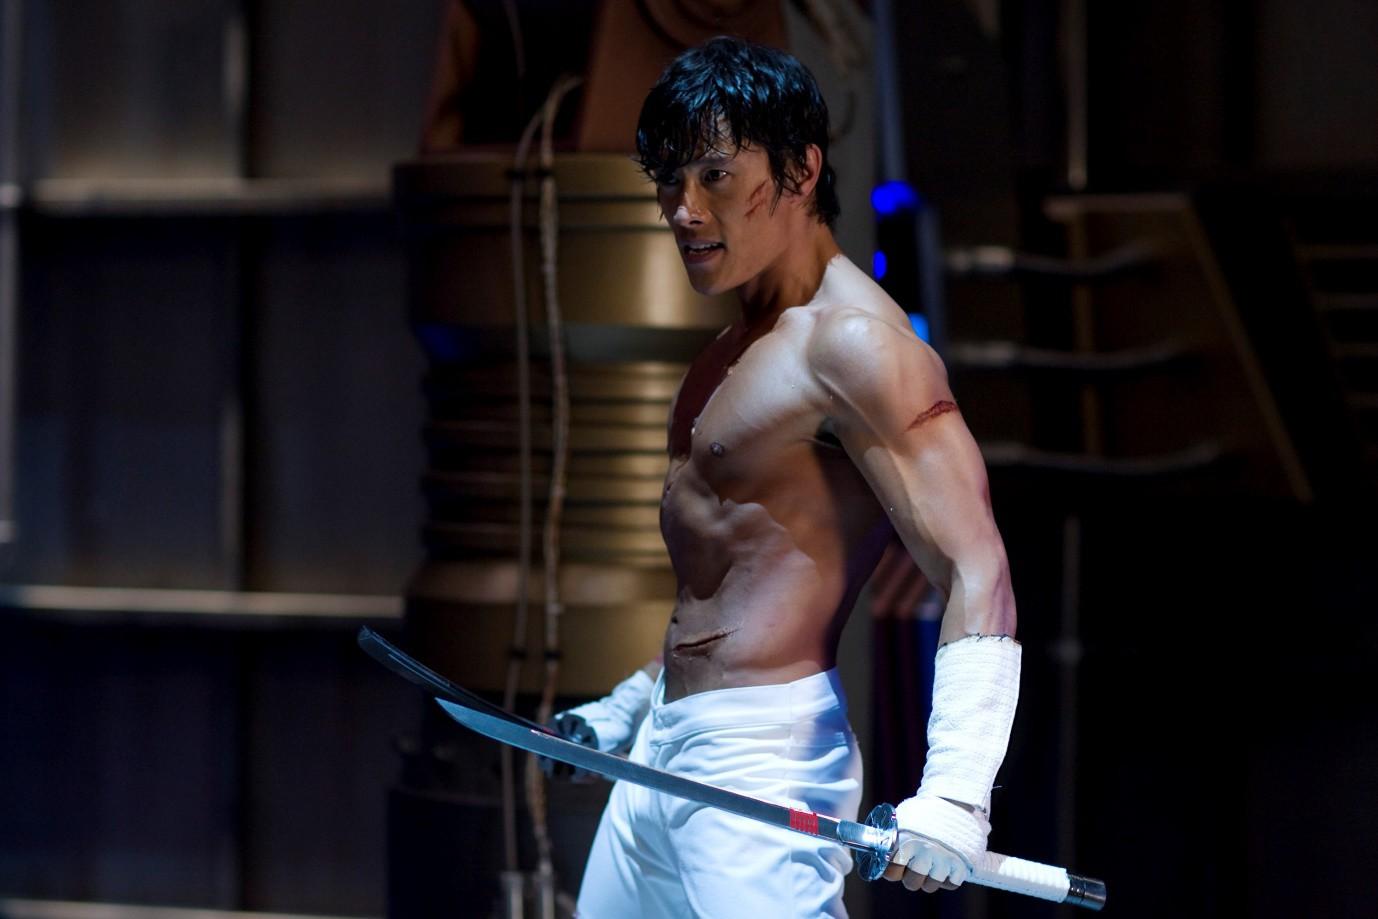 Tài tử Lee Byung Hun: Từ hoàng đế nghiện sex đến danh xưng Tom Cruise châu Á - Ảnh 6.